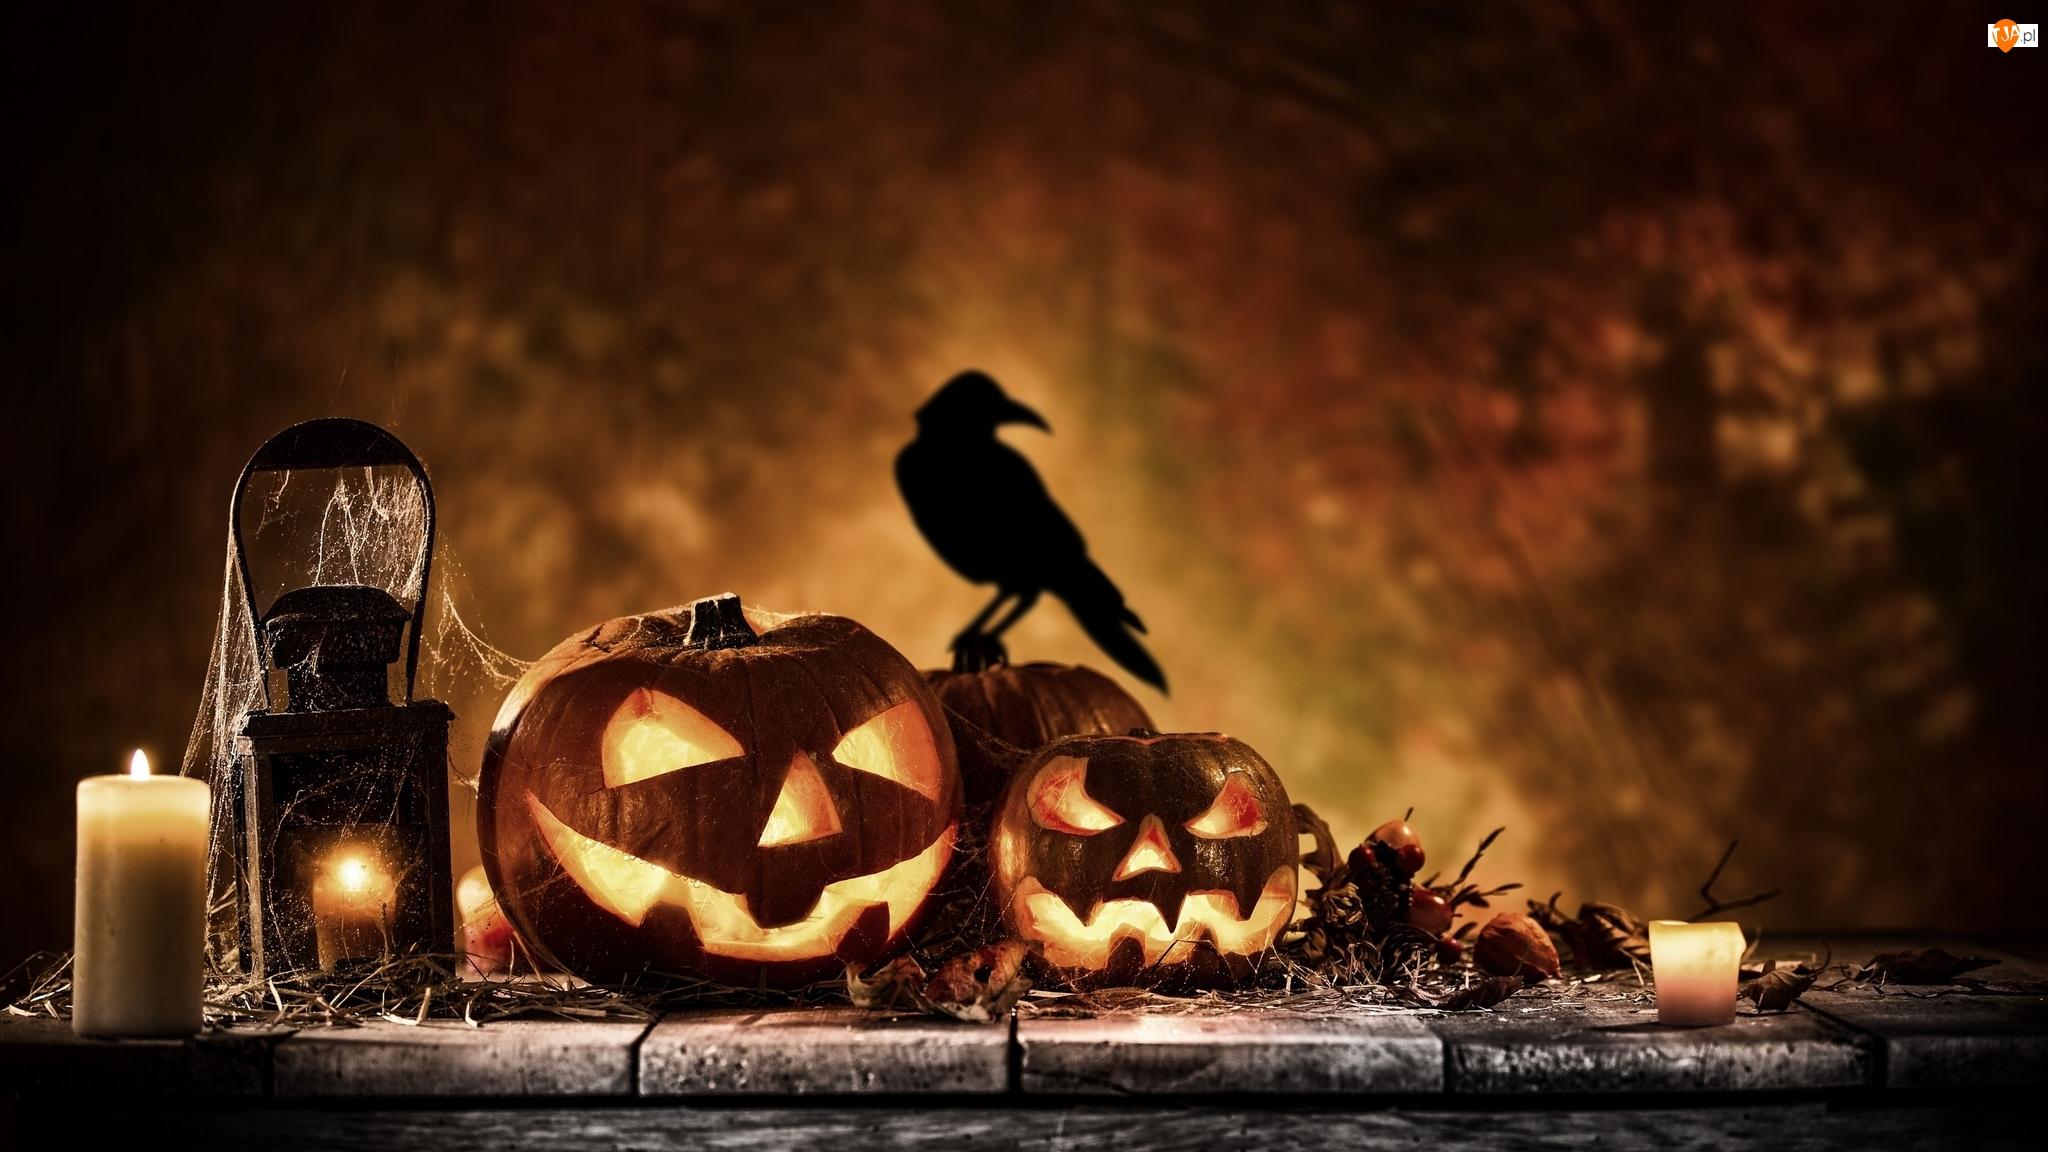 Ptak, Halloween, Świece, Dynie, Lampion